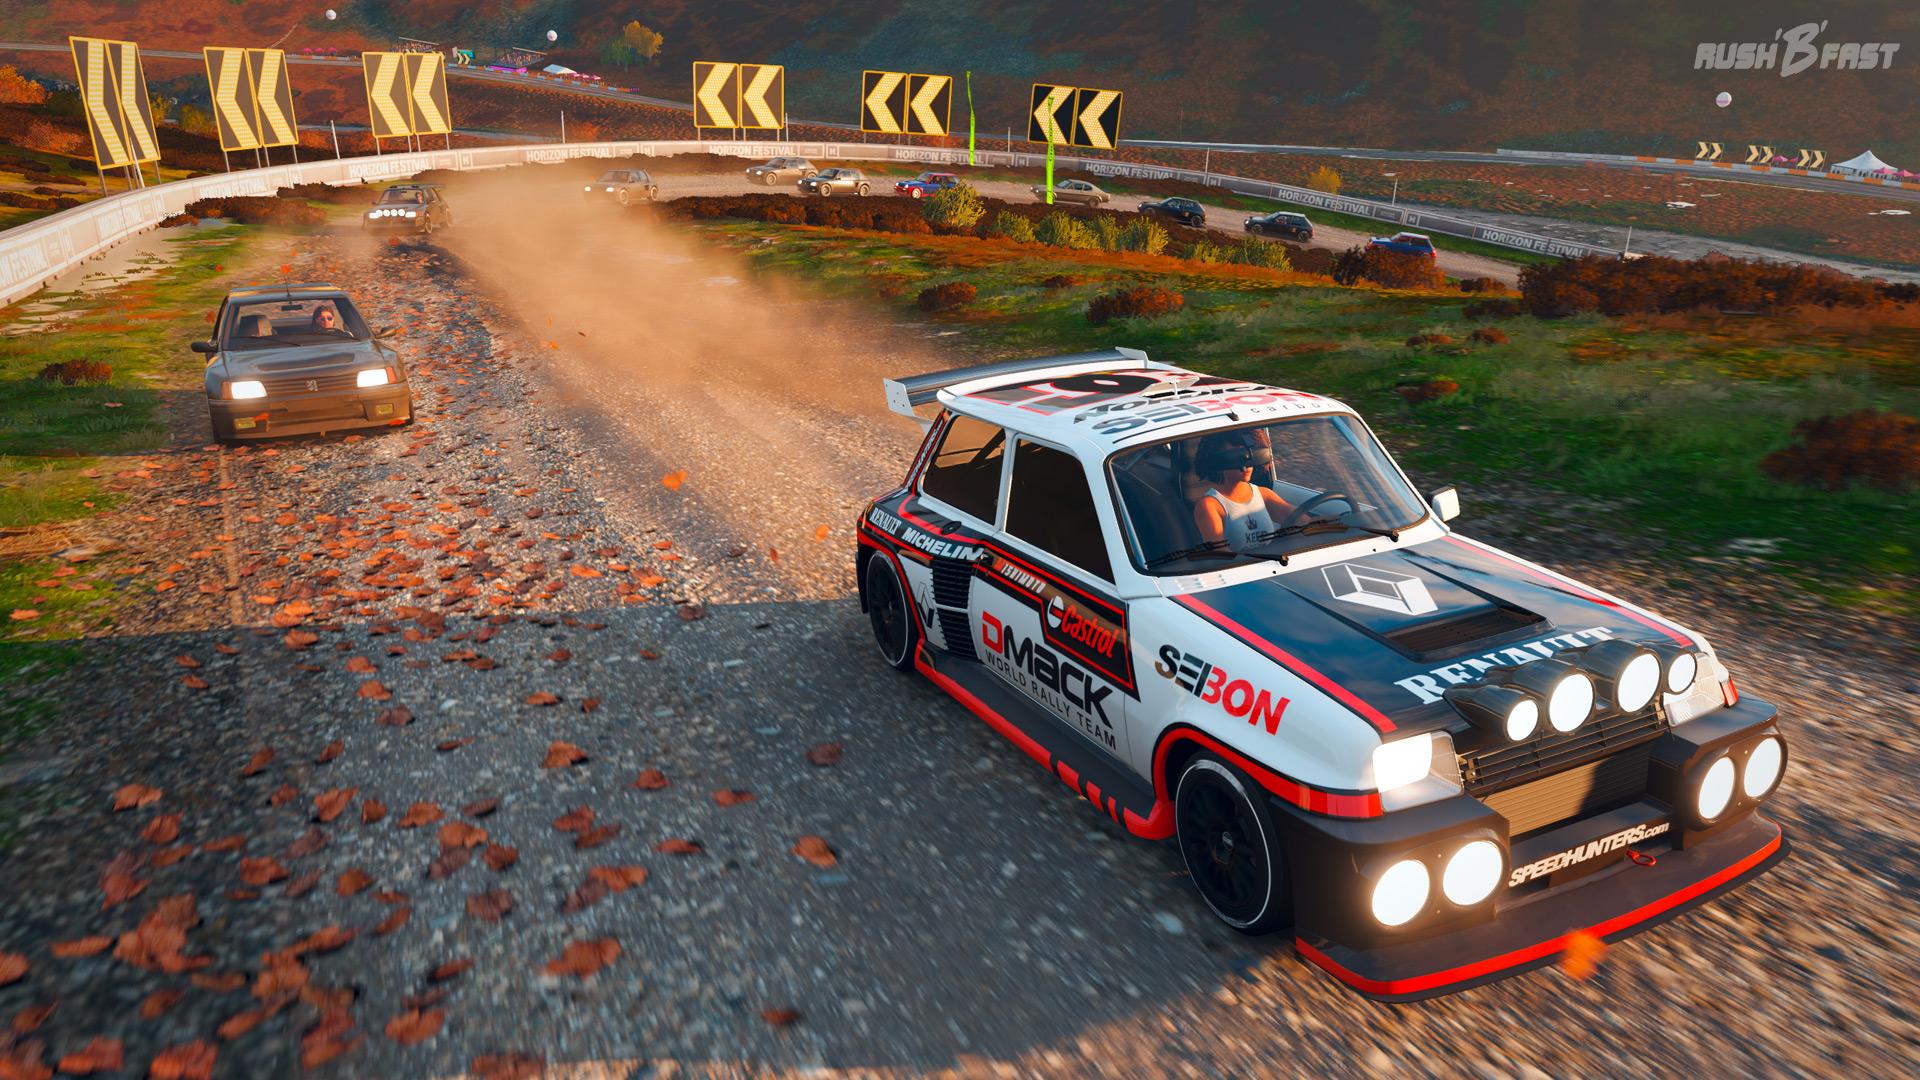 Forza Horizon 4 - Querfeldein-Rennen